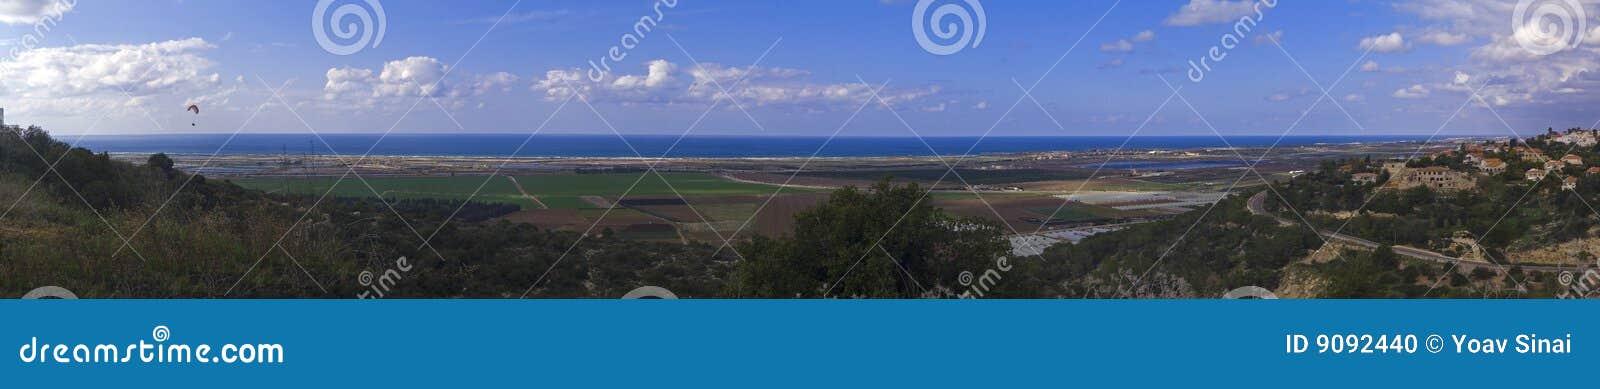 Panorama der Küstenebene